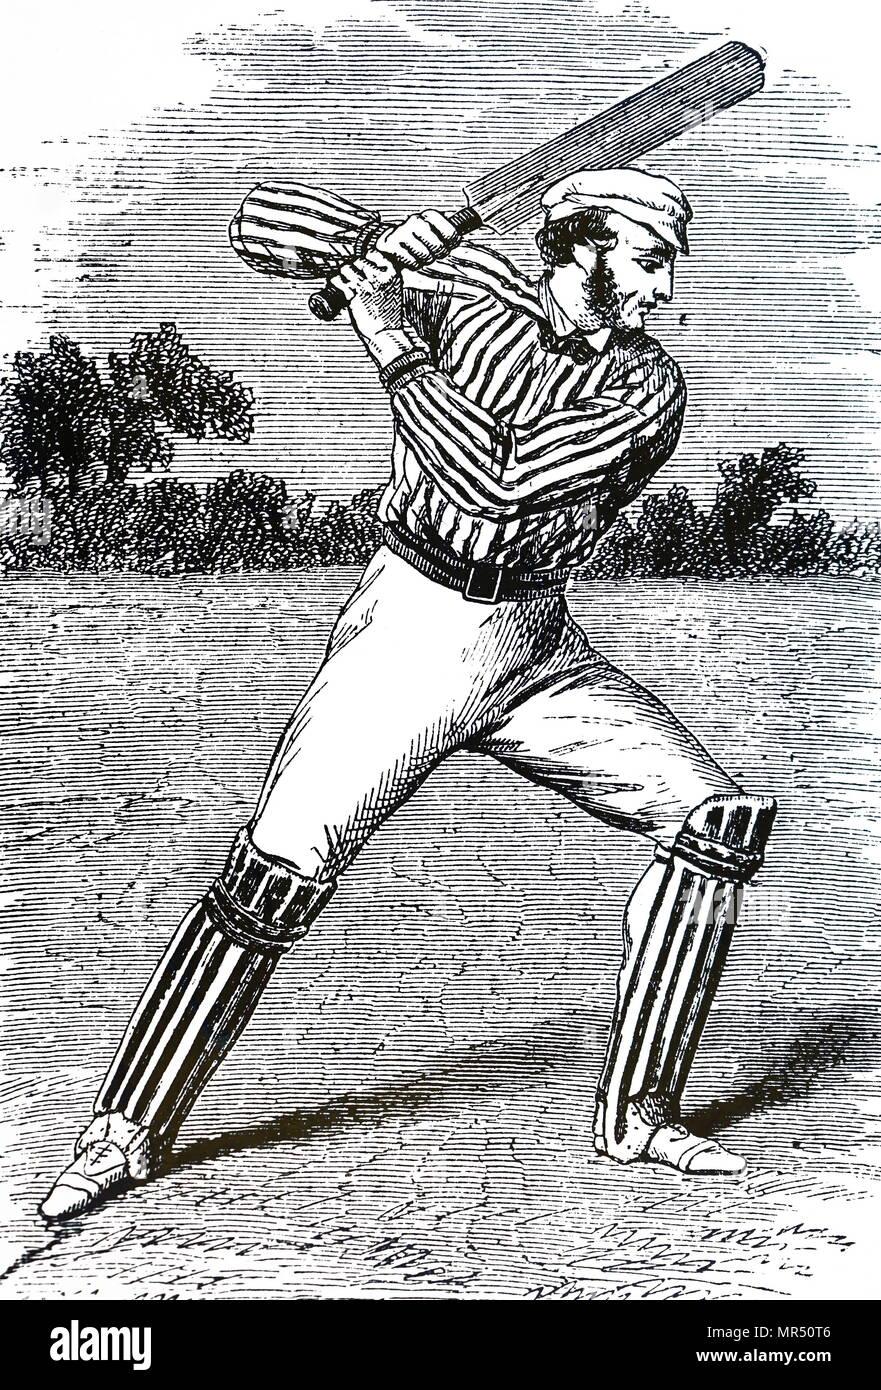 Cartoon raffiguranti gli uomini a giocare a cricket. Datata del XIX secolo Immagini Stock